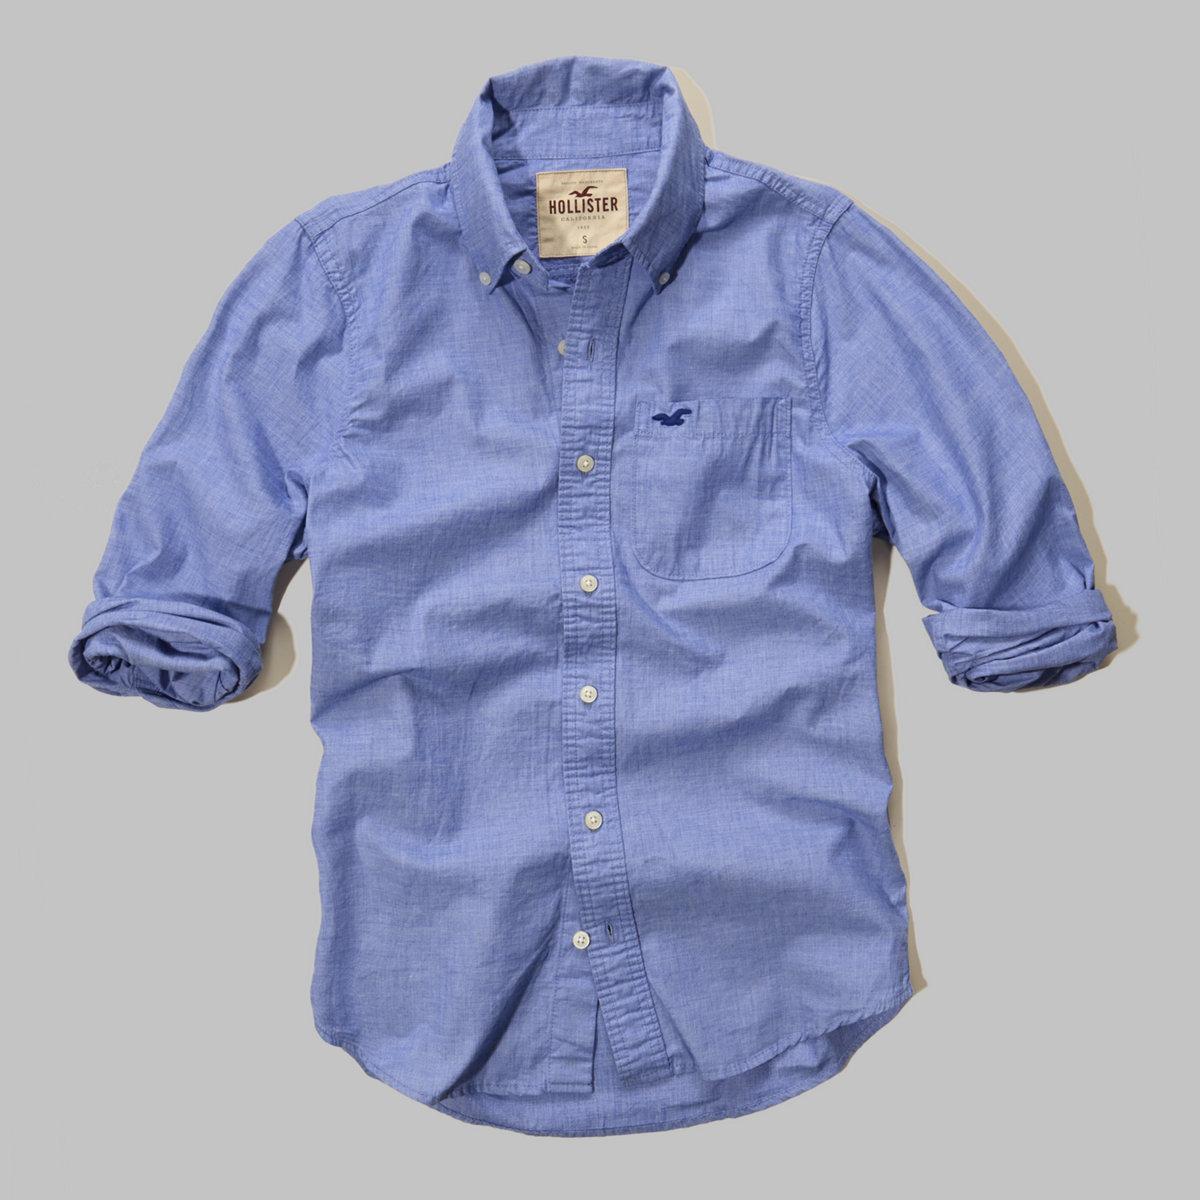 Seaside Reef Shirt